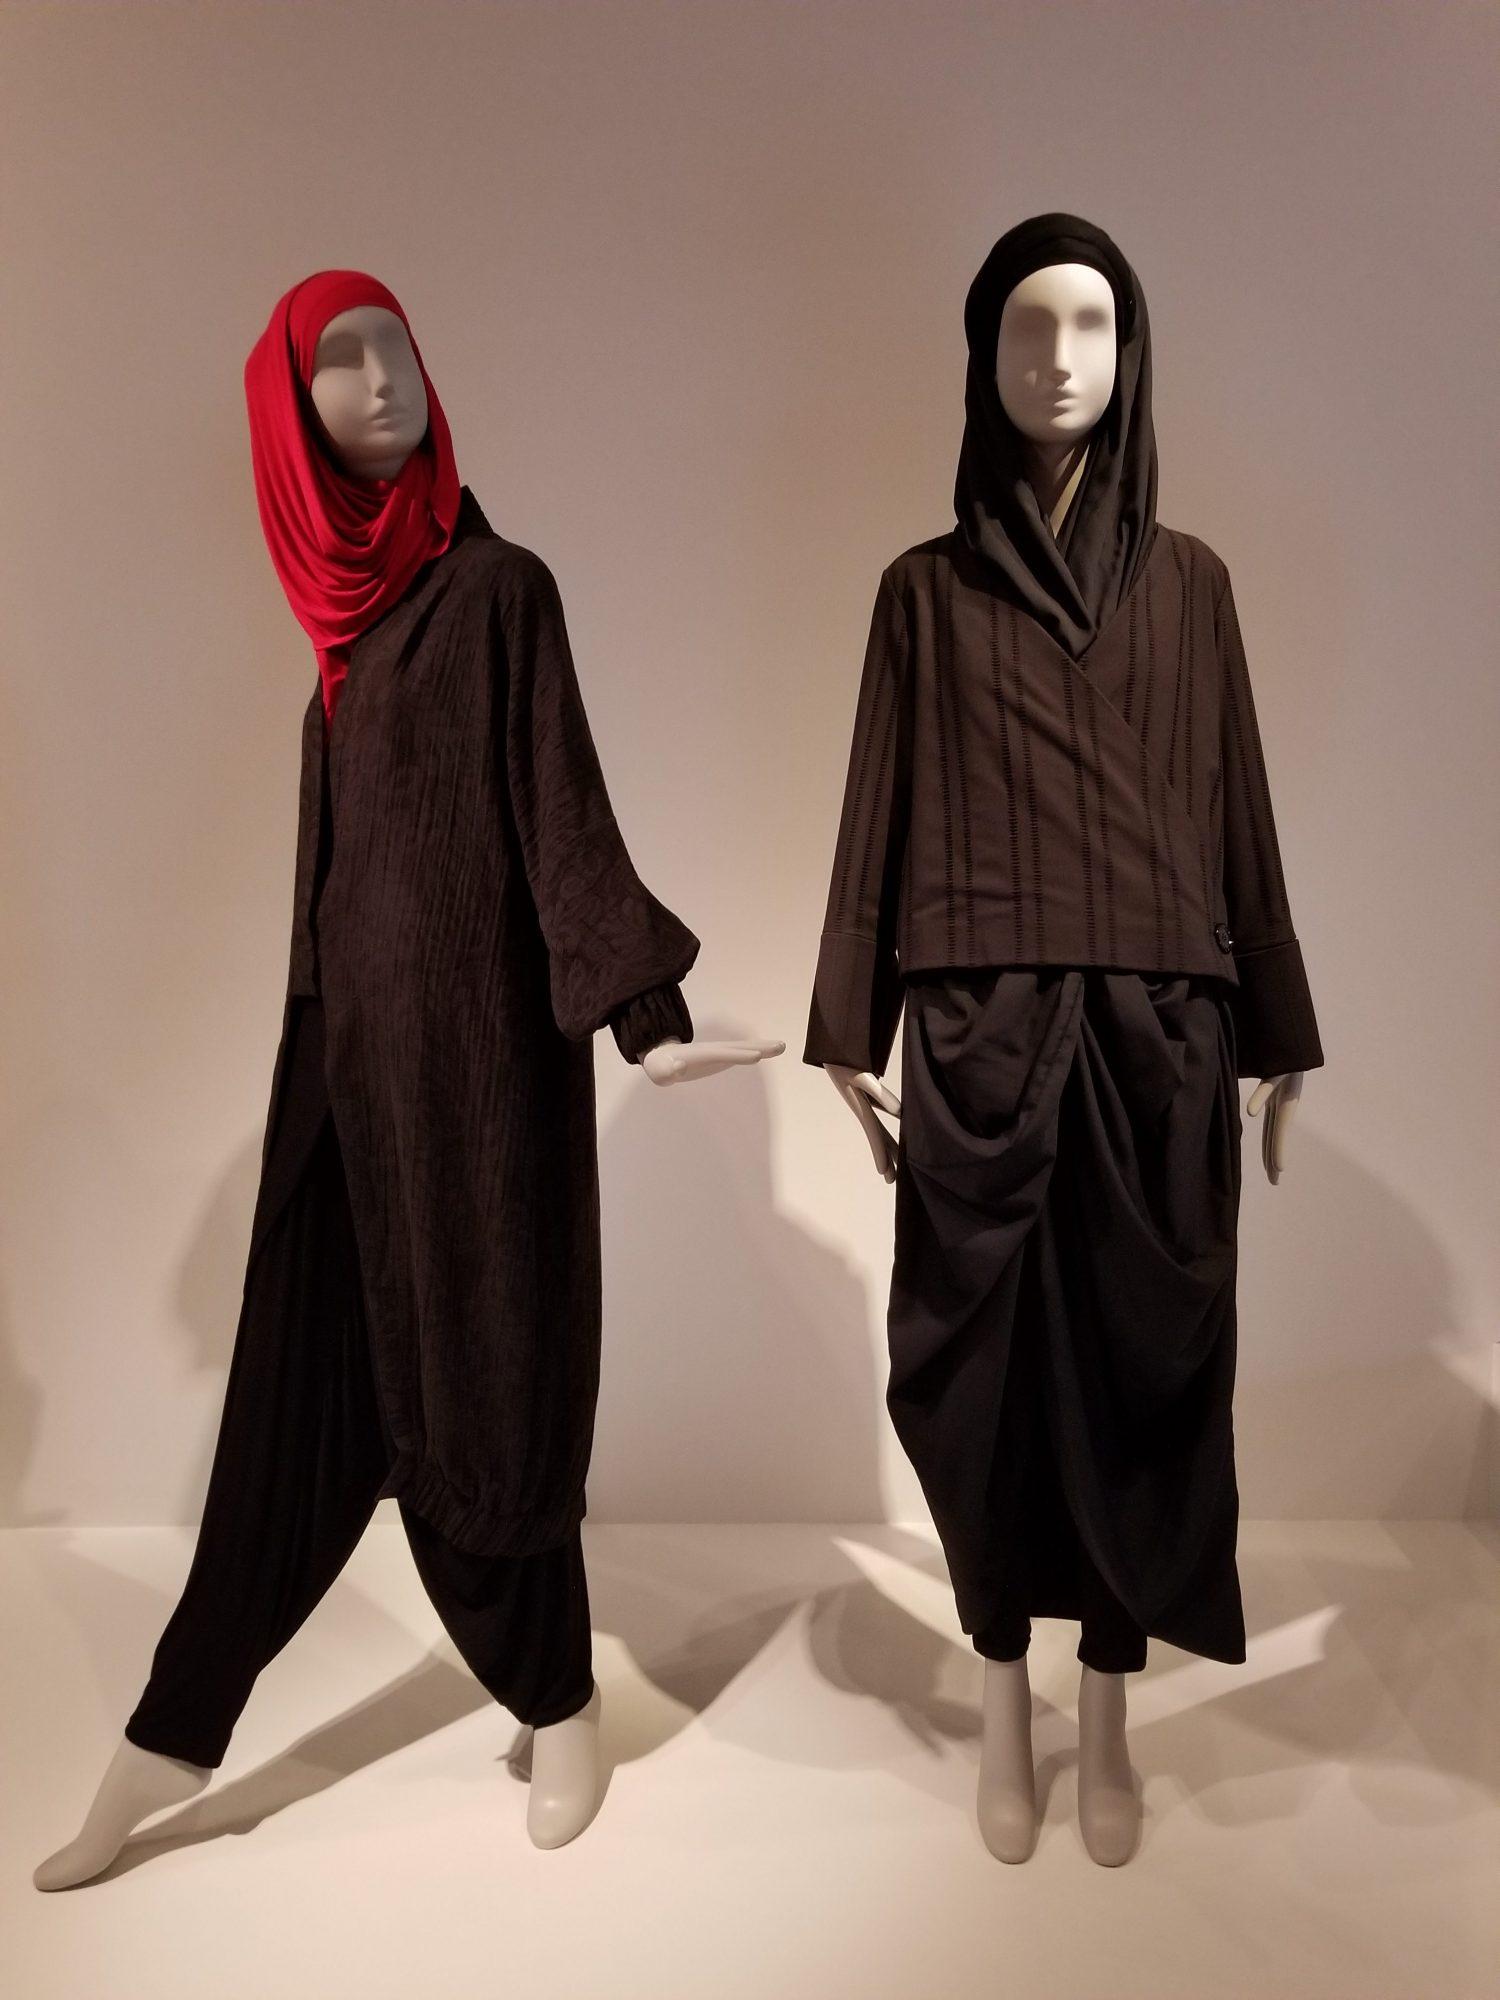 muslim-fashion-7-e1541434939377.jpg